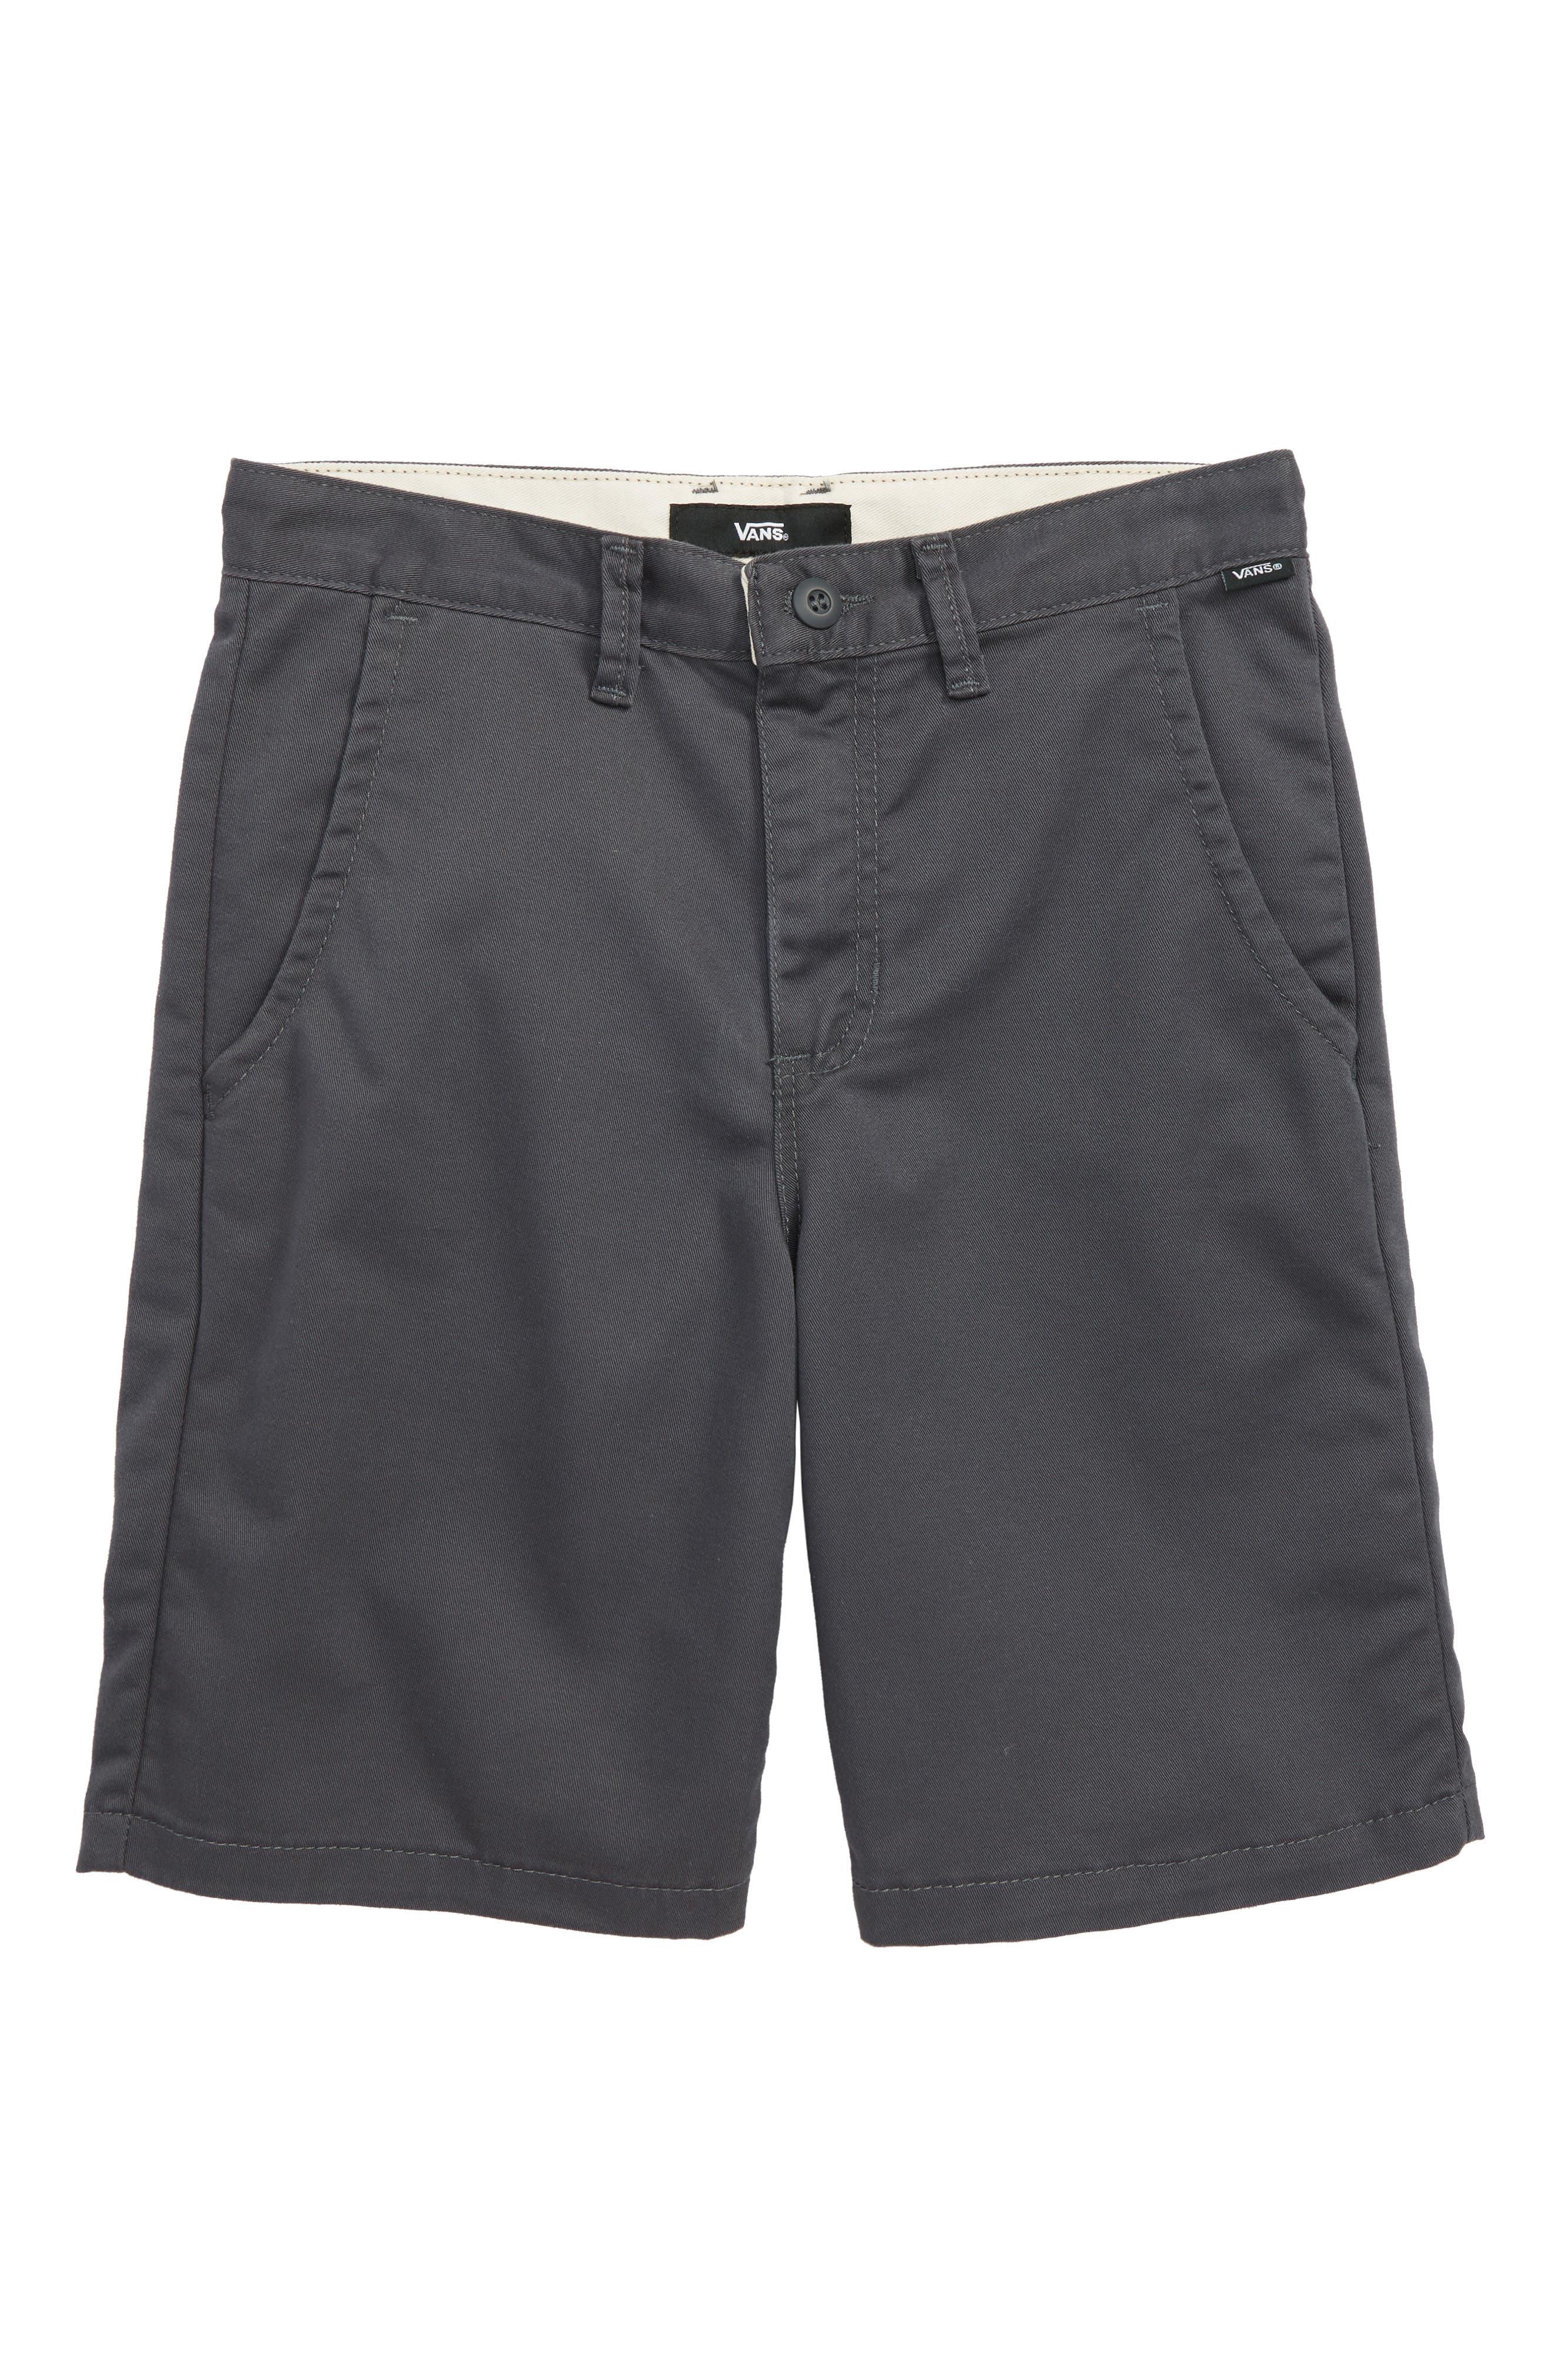 Authentic Walk Shorts,                         Main,                         color, ASPHALT